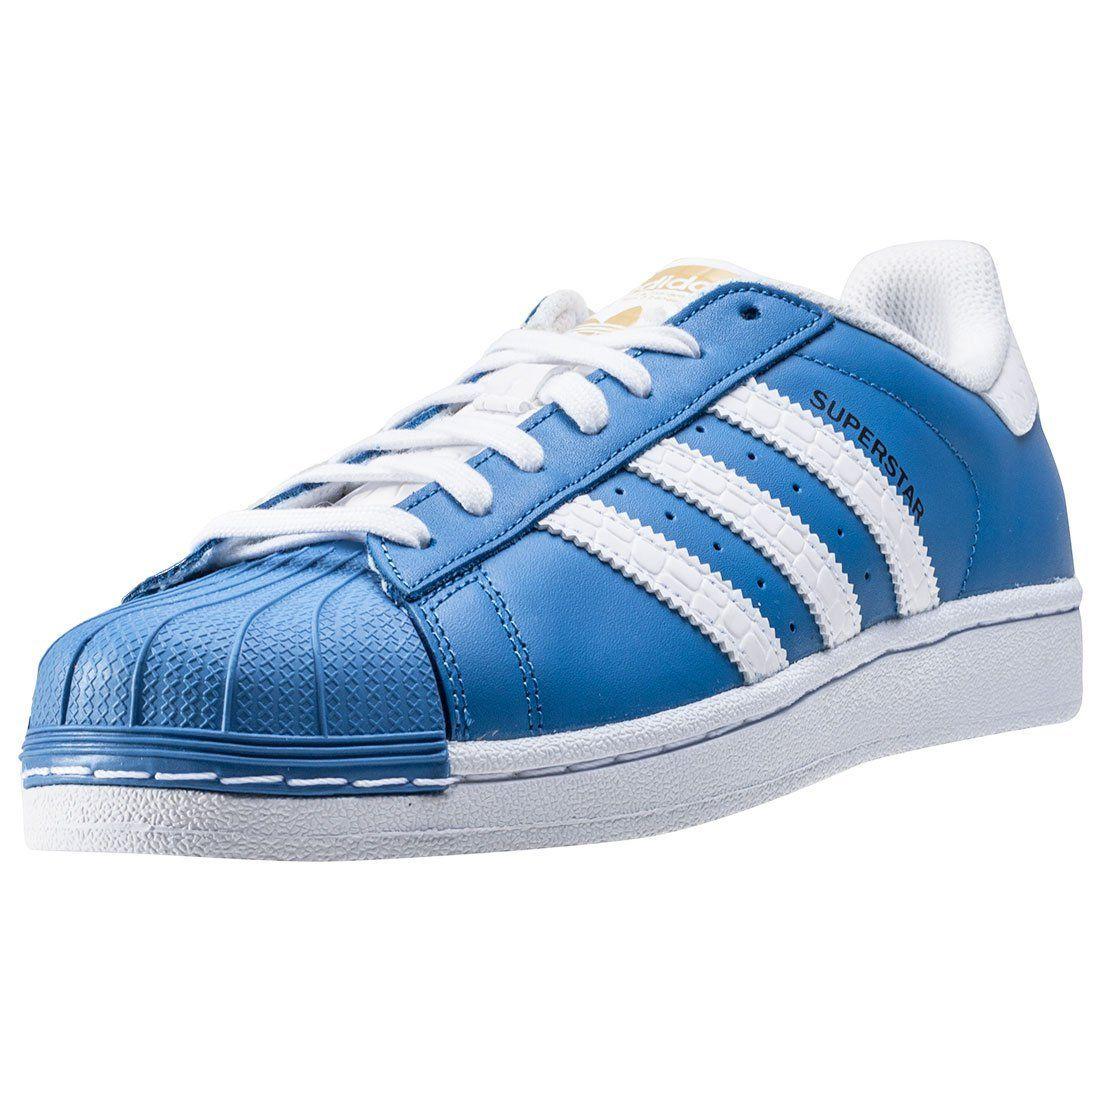 Adidas Men's Superstar Low Sneaker: adidas Originals: Amazon.de: Schuhe & Handtaschen